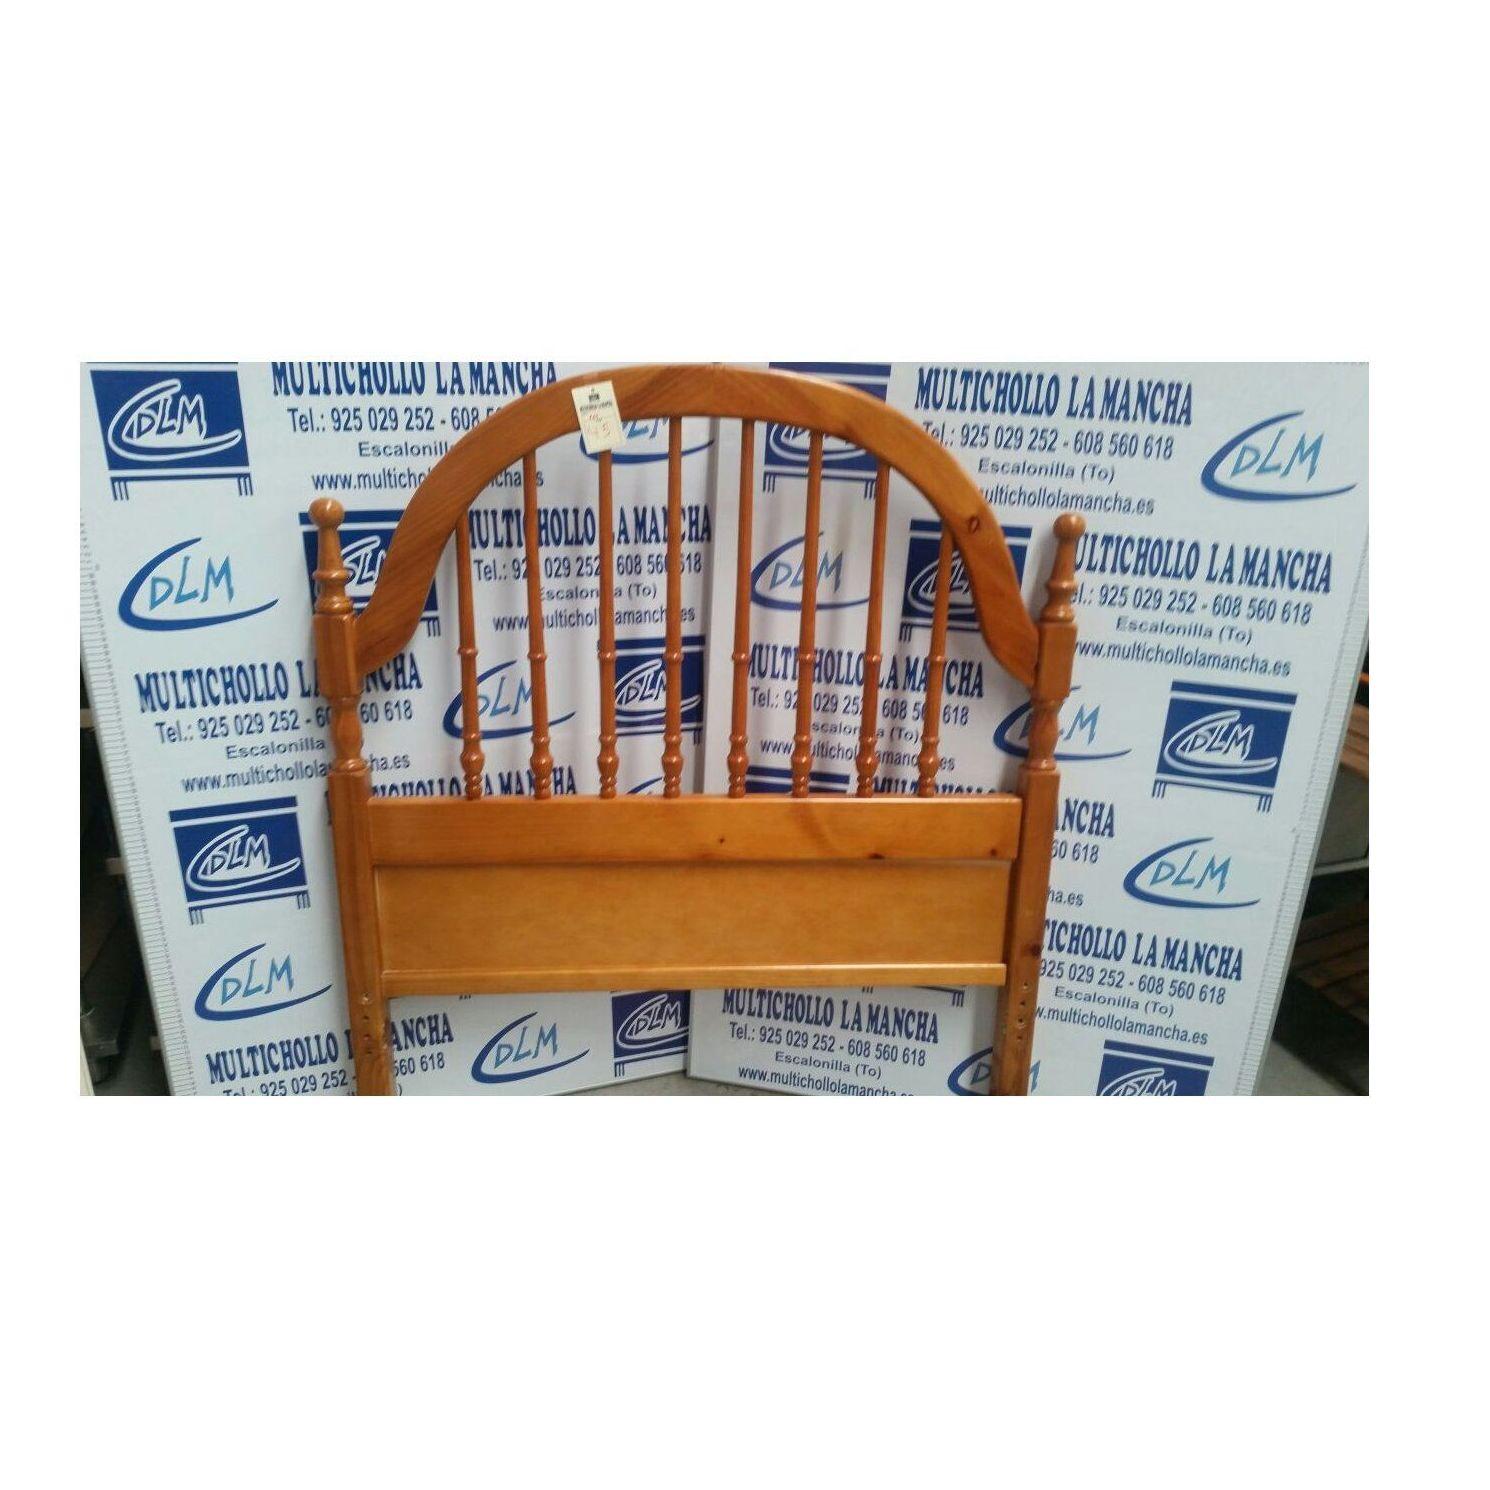 Dormitorios: Productos de Multichollo La Mancha